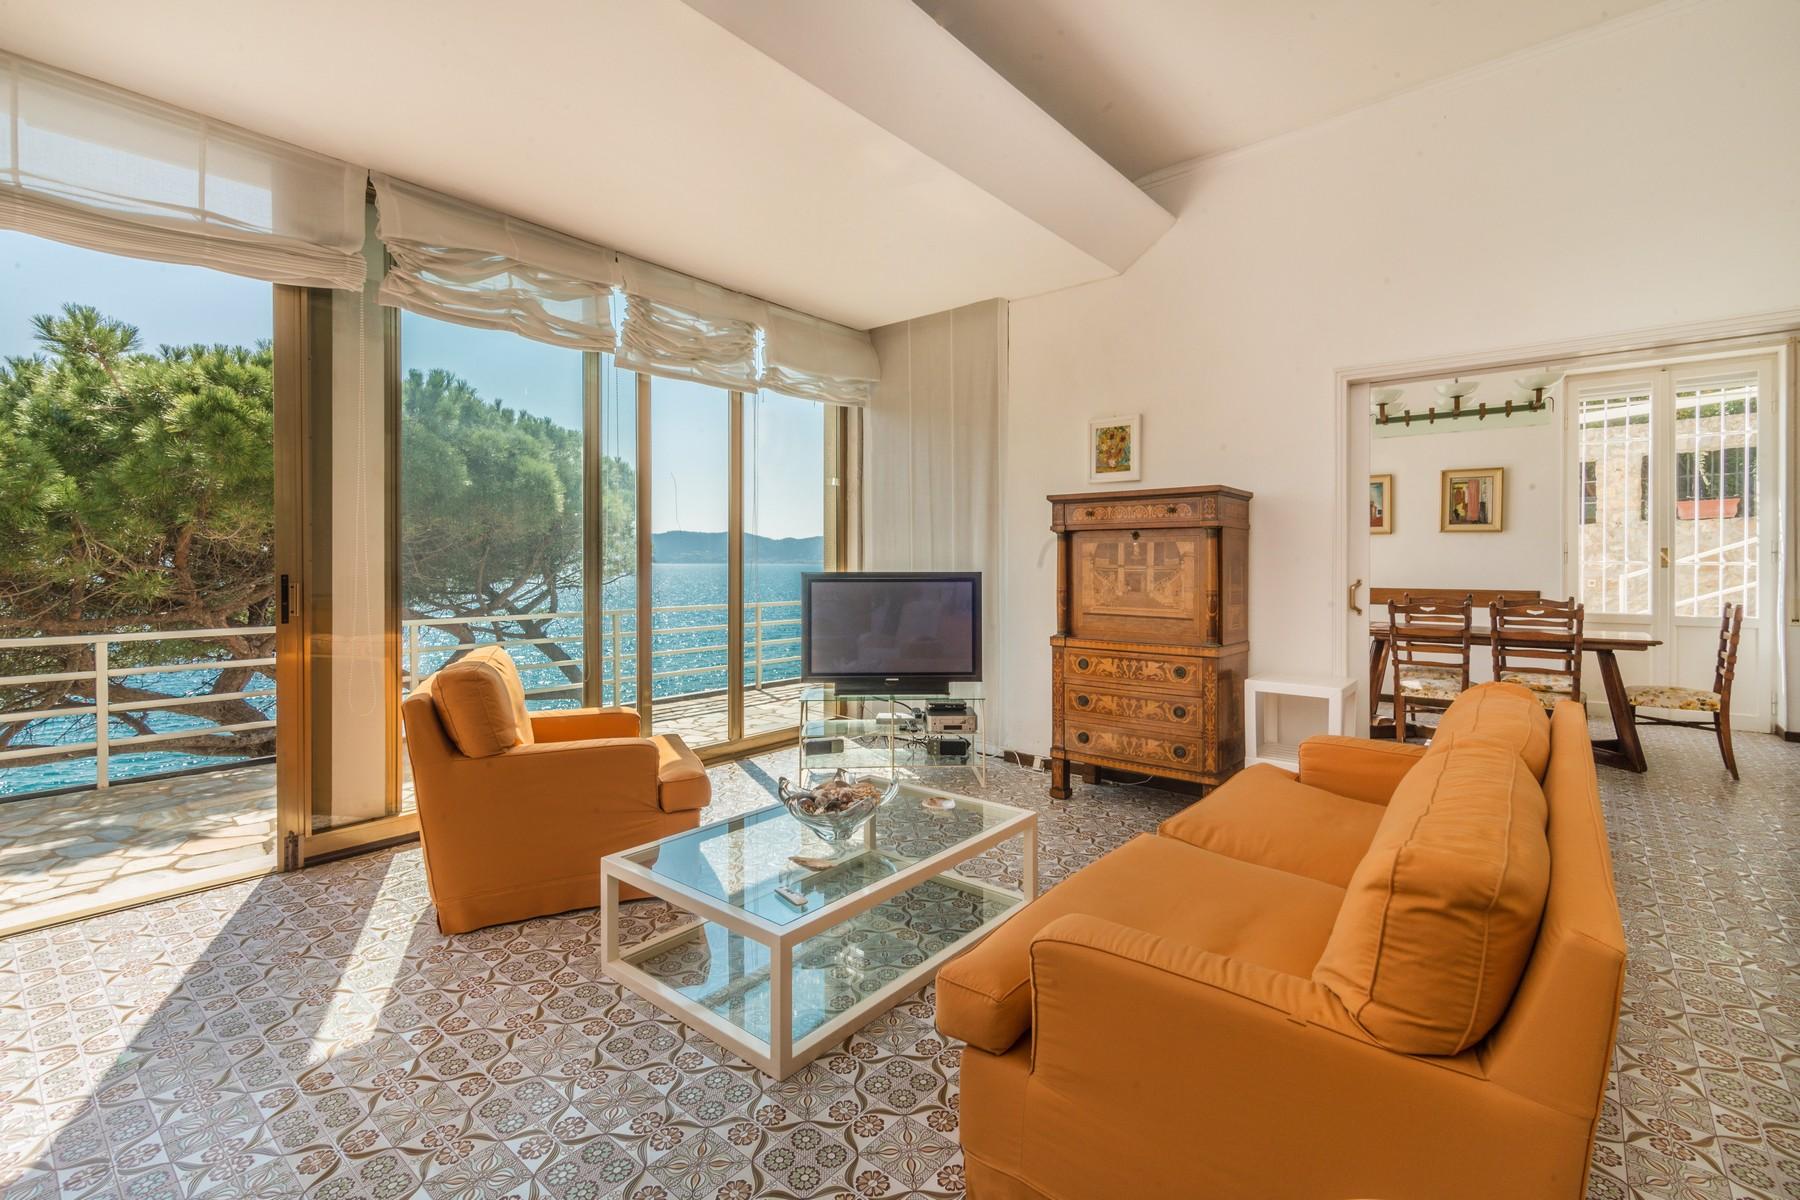 Villa in Vendita a Alassio: 5 locali, 388 mq - Foto 5